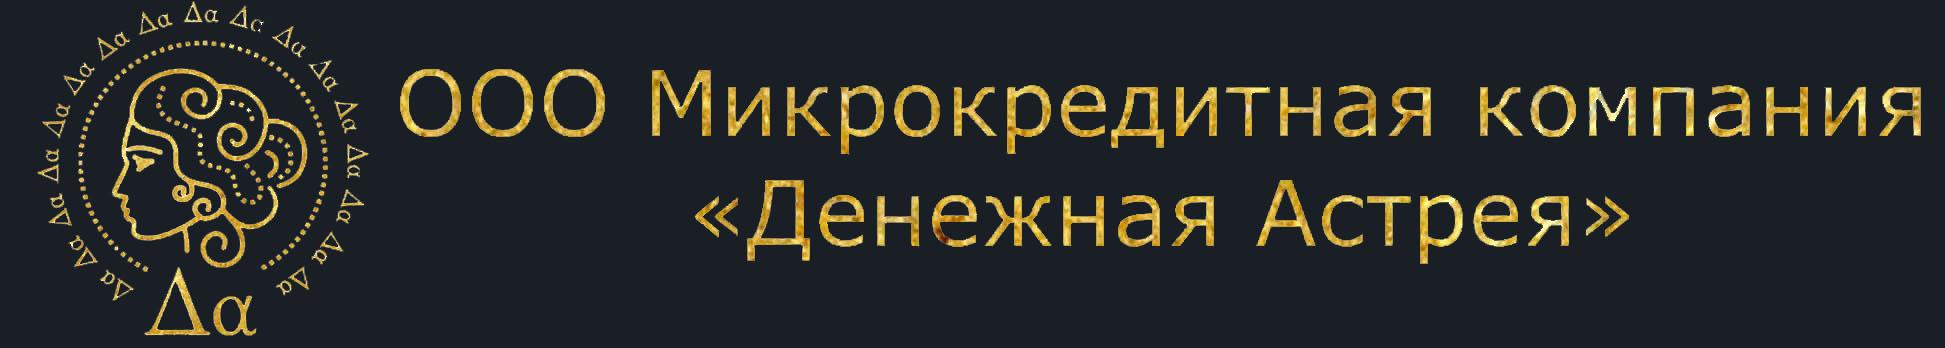 """ООО МКК """"Денежная астрея"""""""